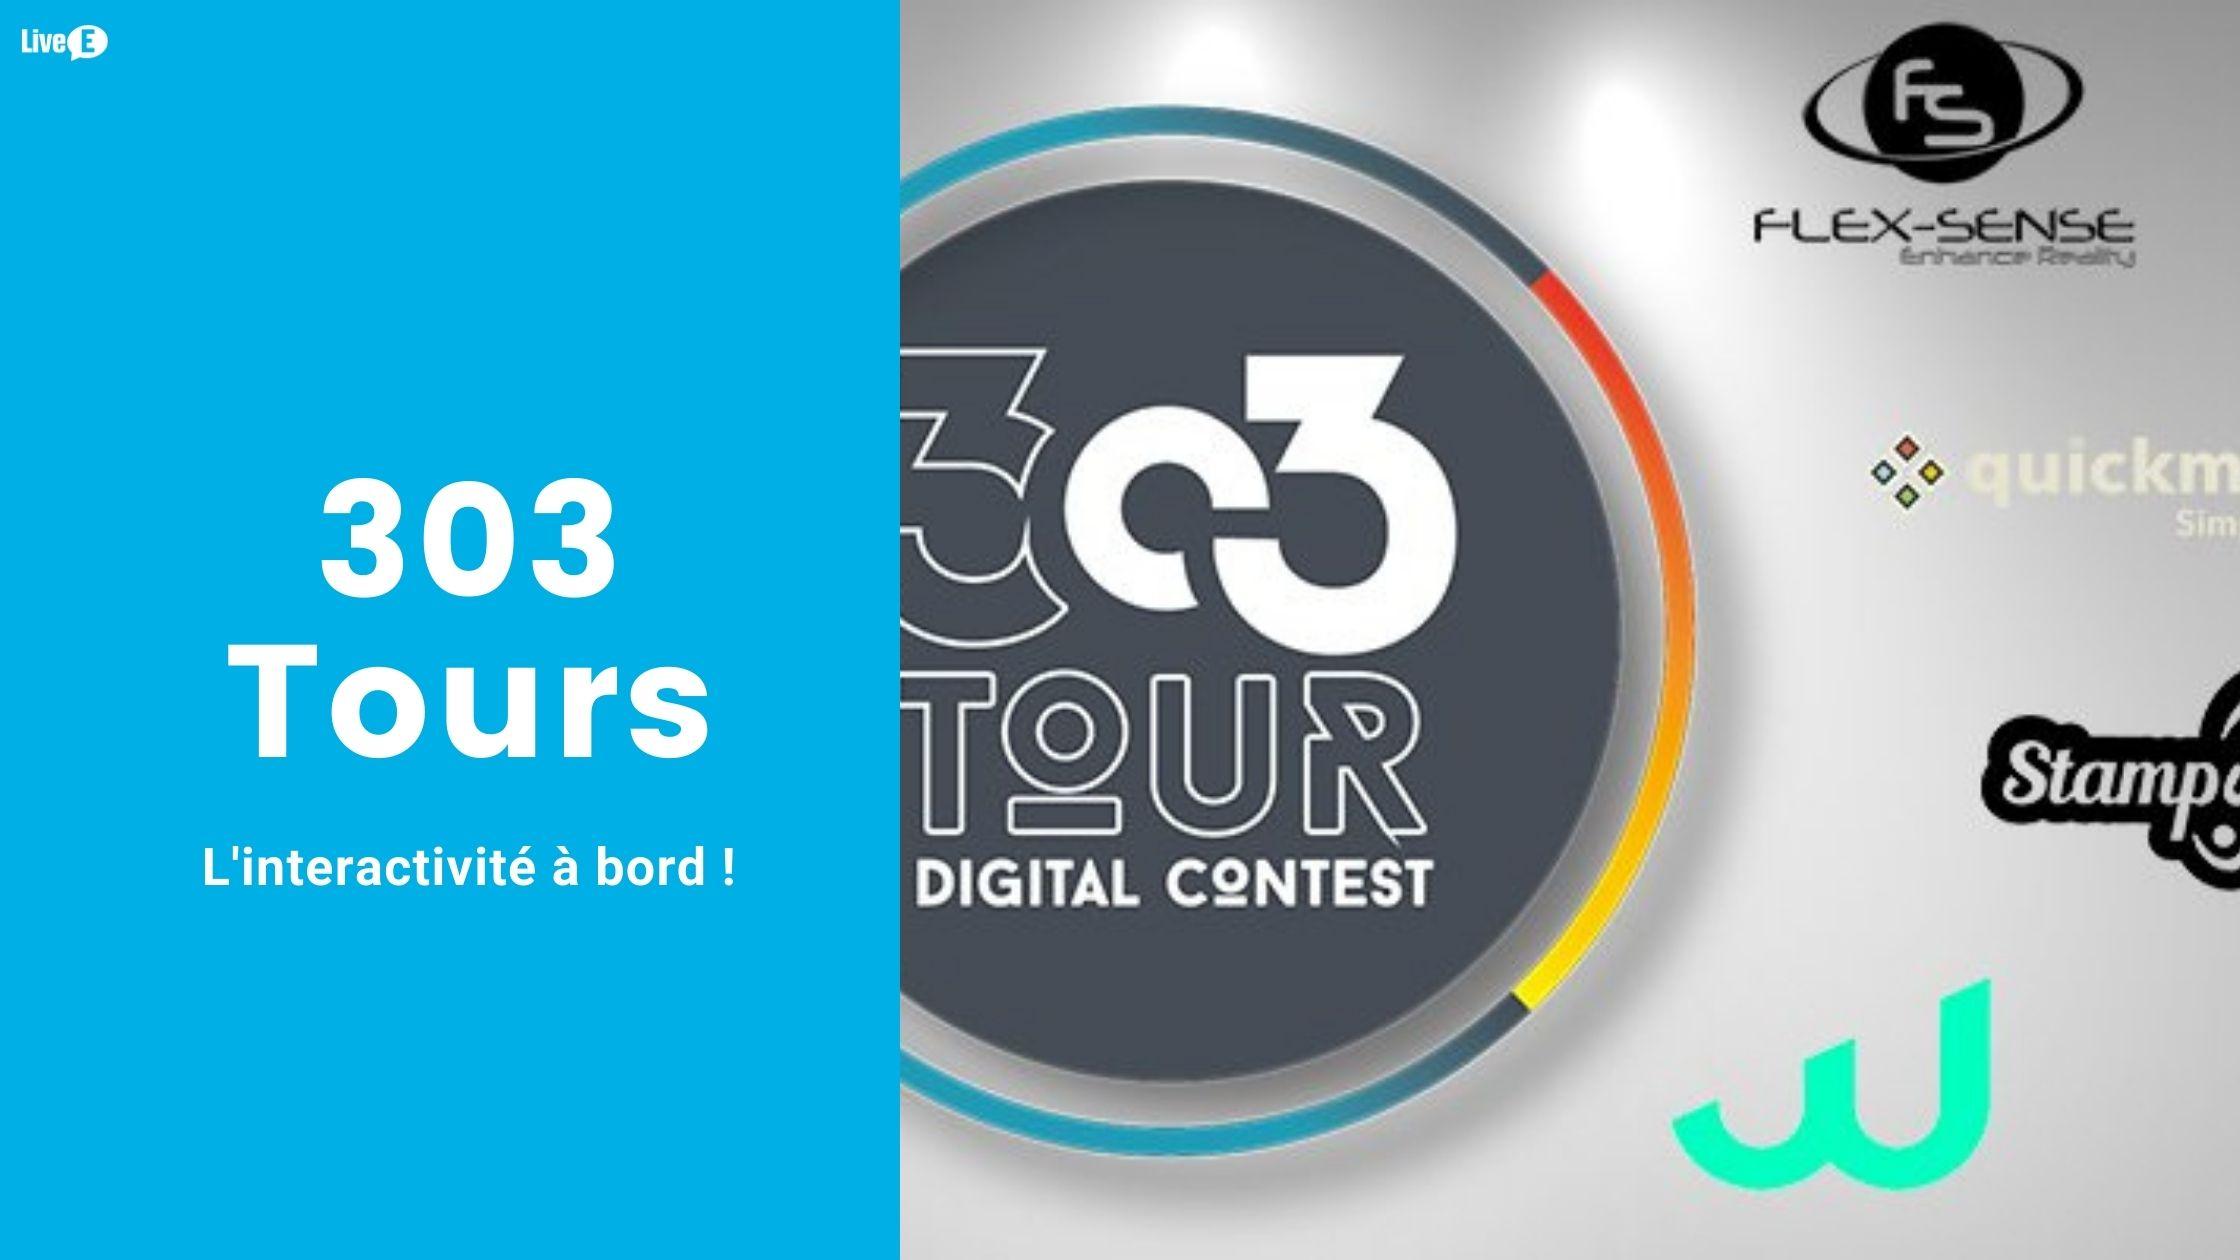 303 tours